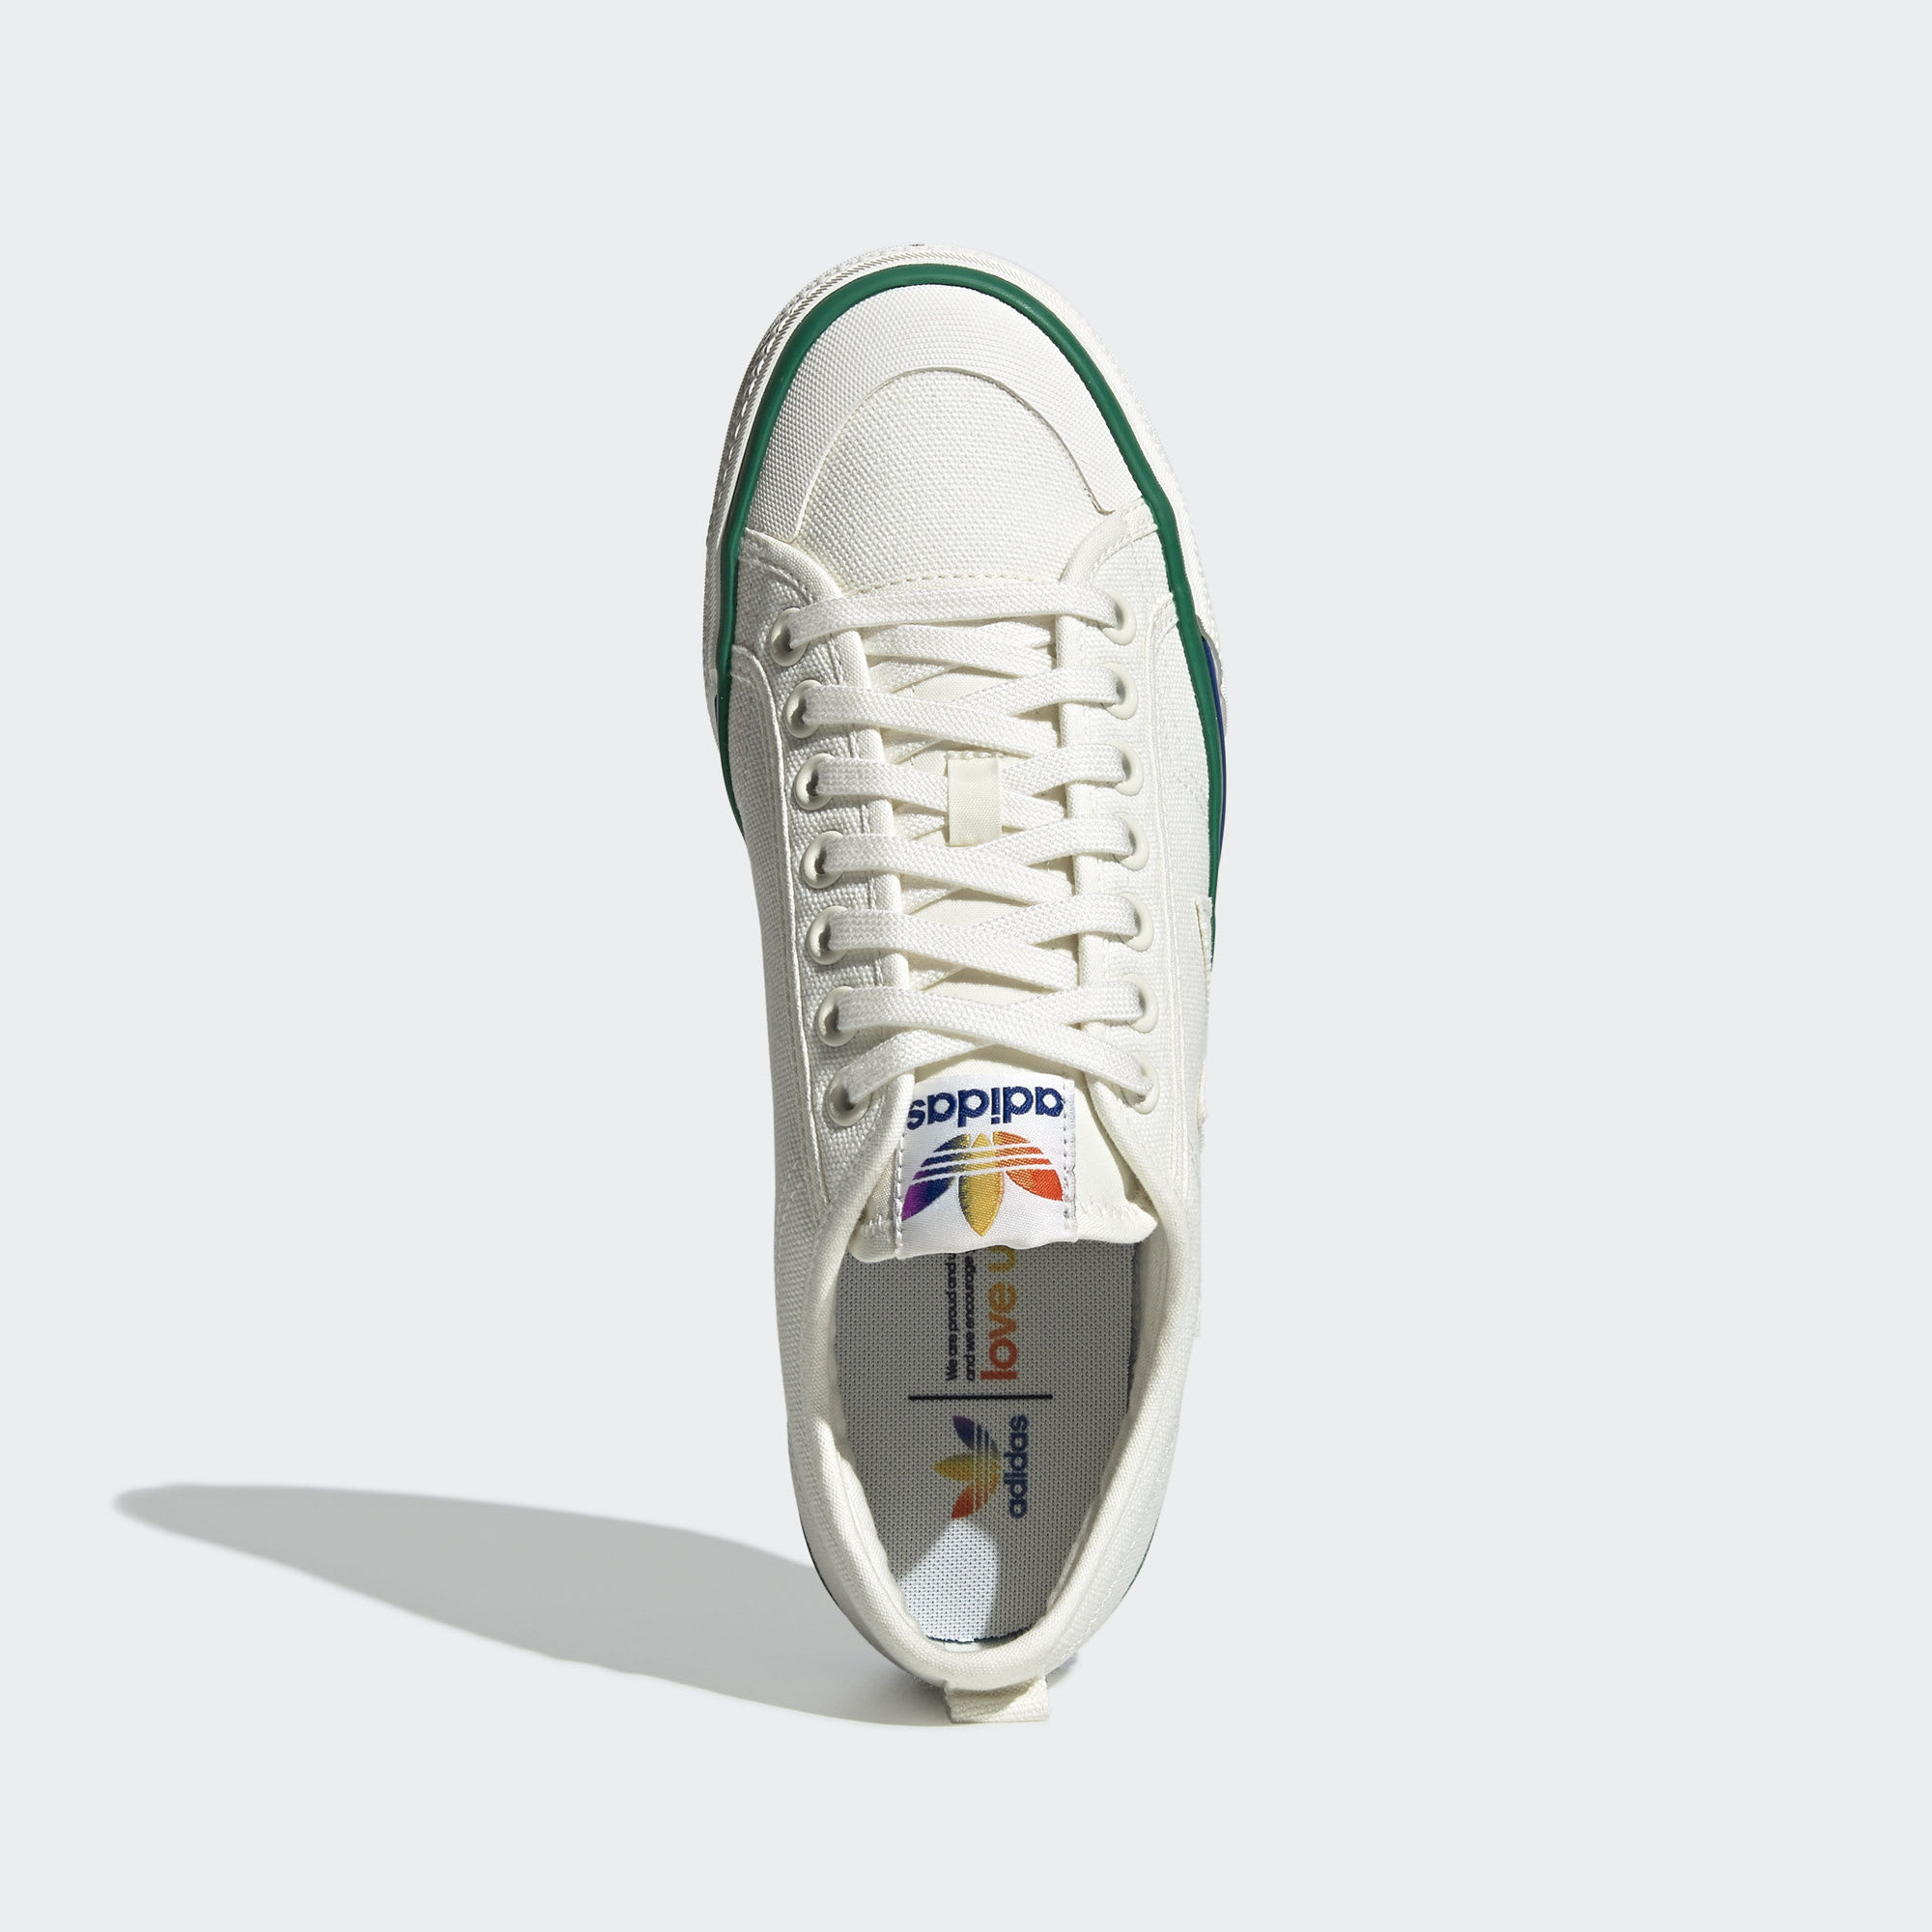 Adidas Nizza 'Pride' EF2319 (Top)